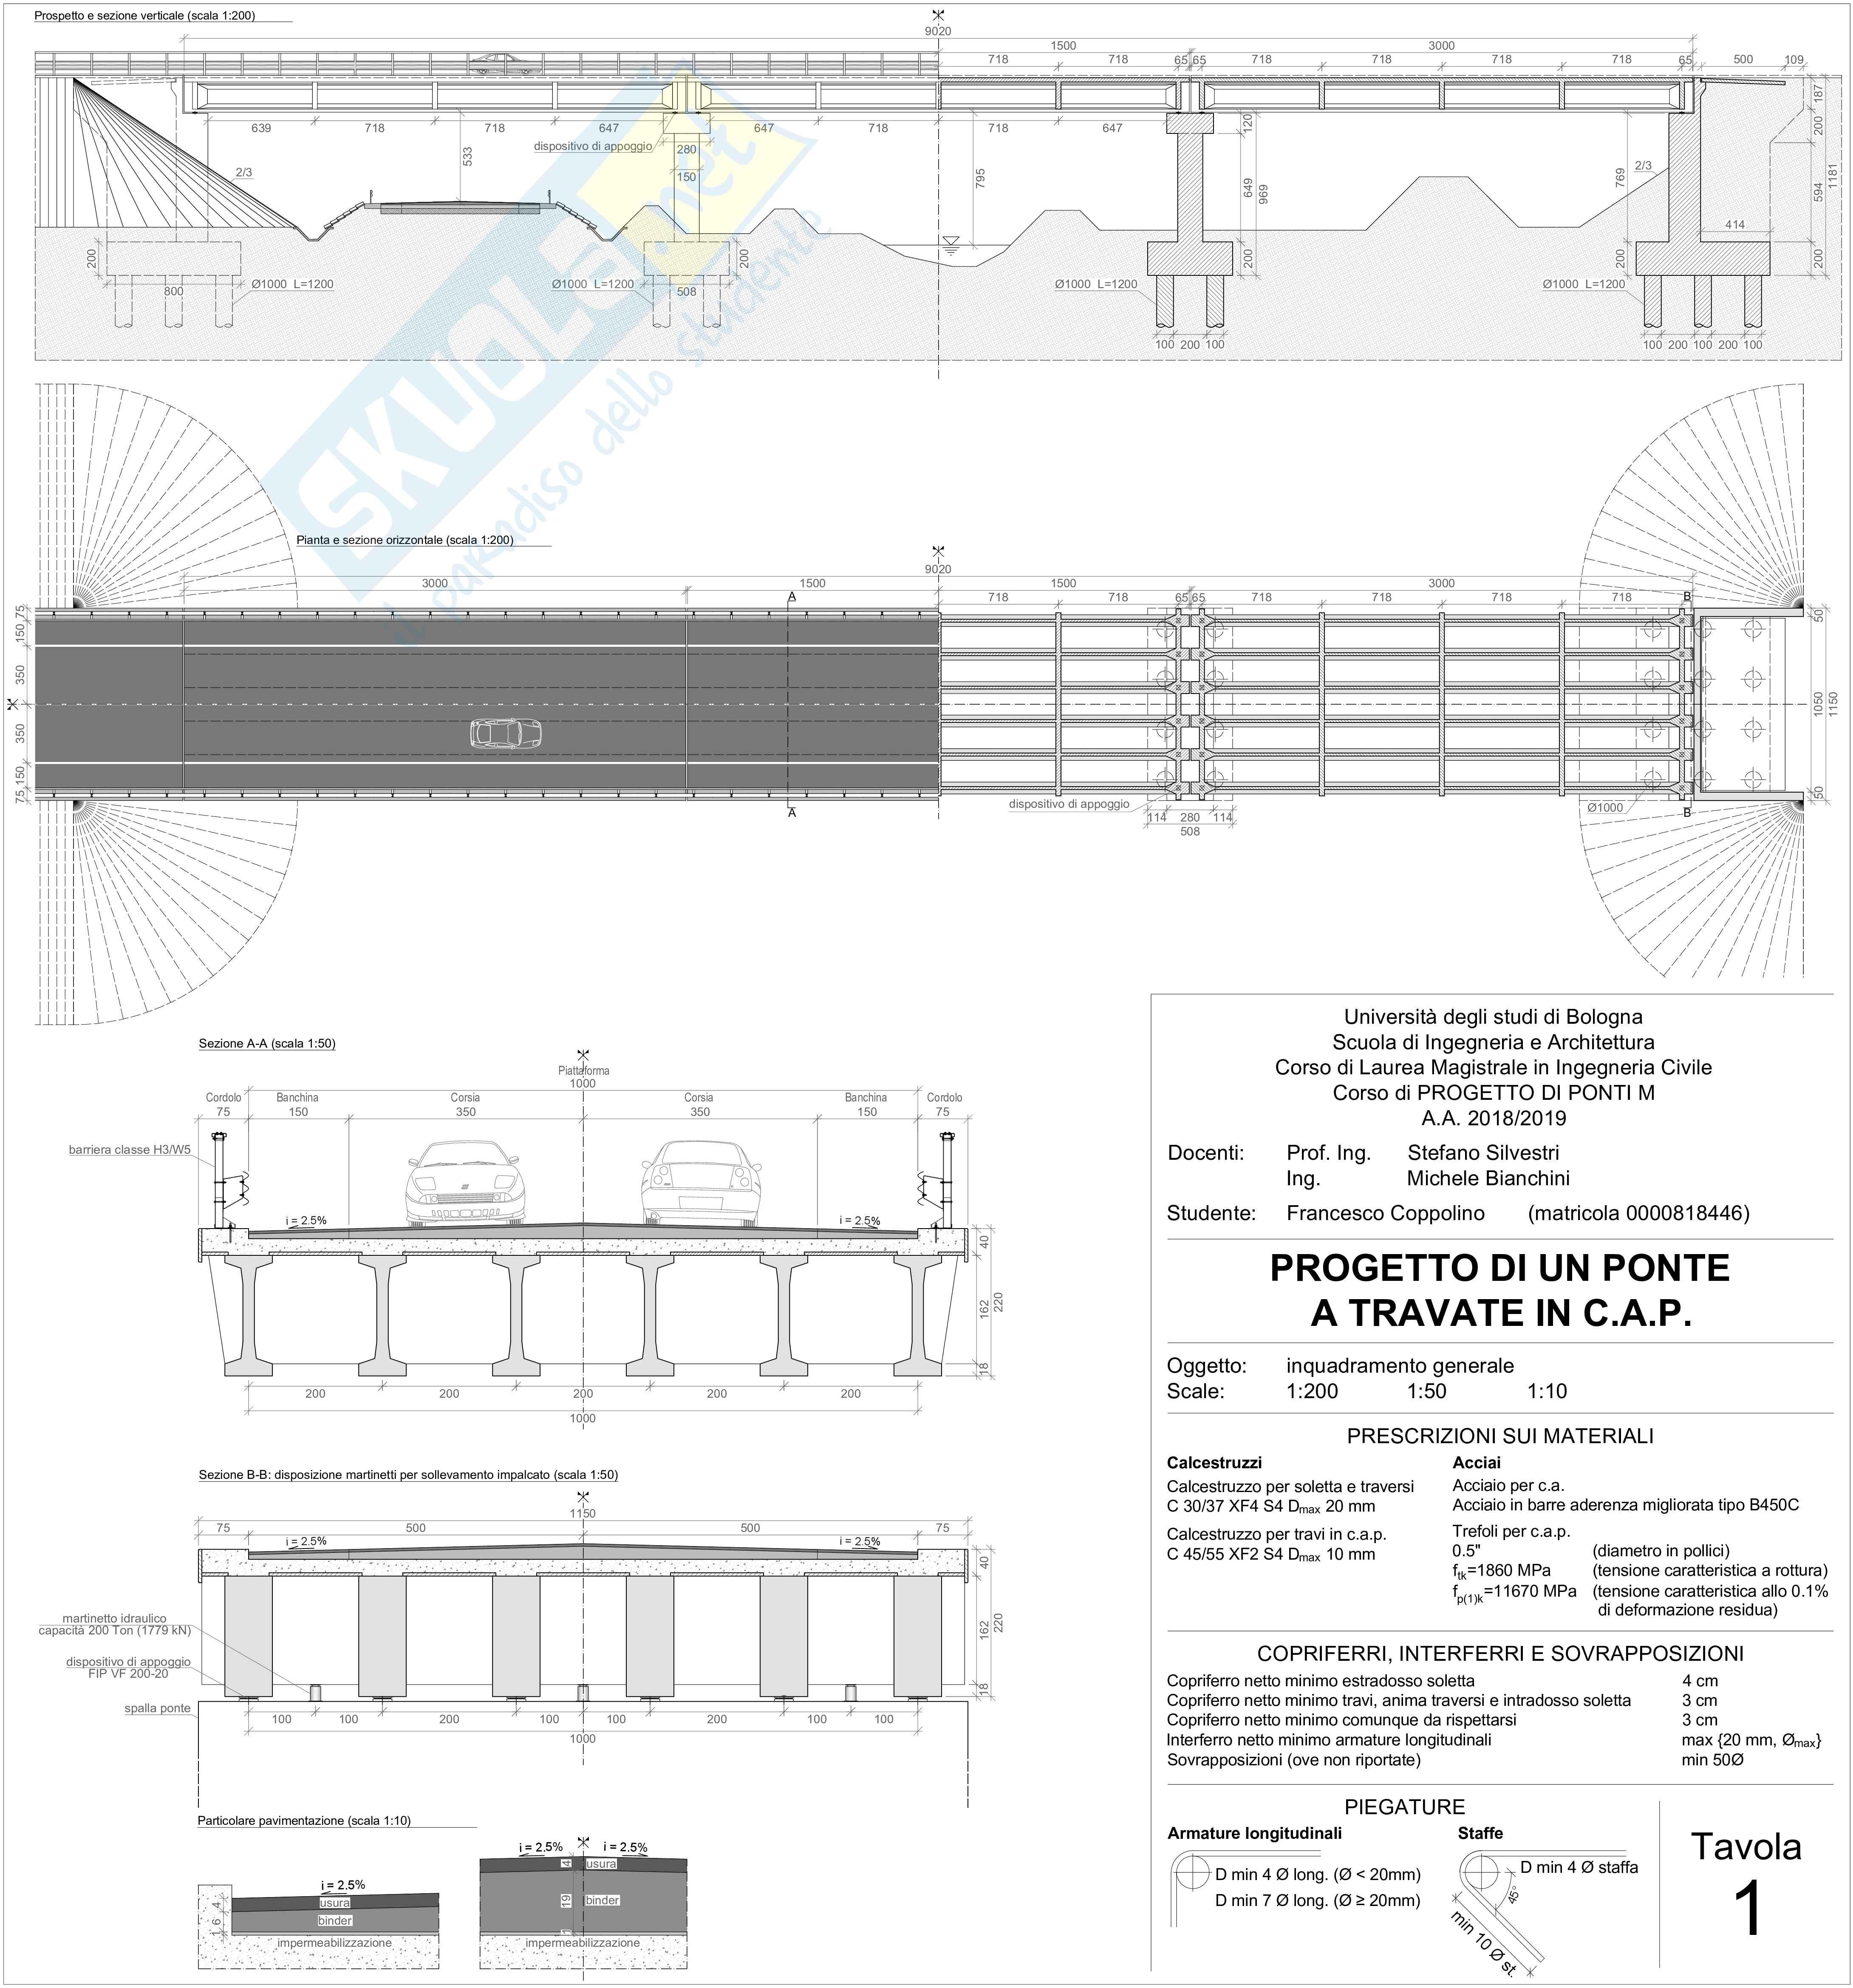 Tavole di Progetto di Ponti (travi ad I)